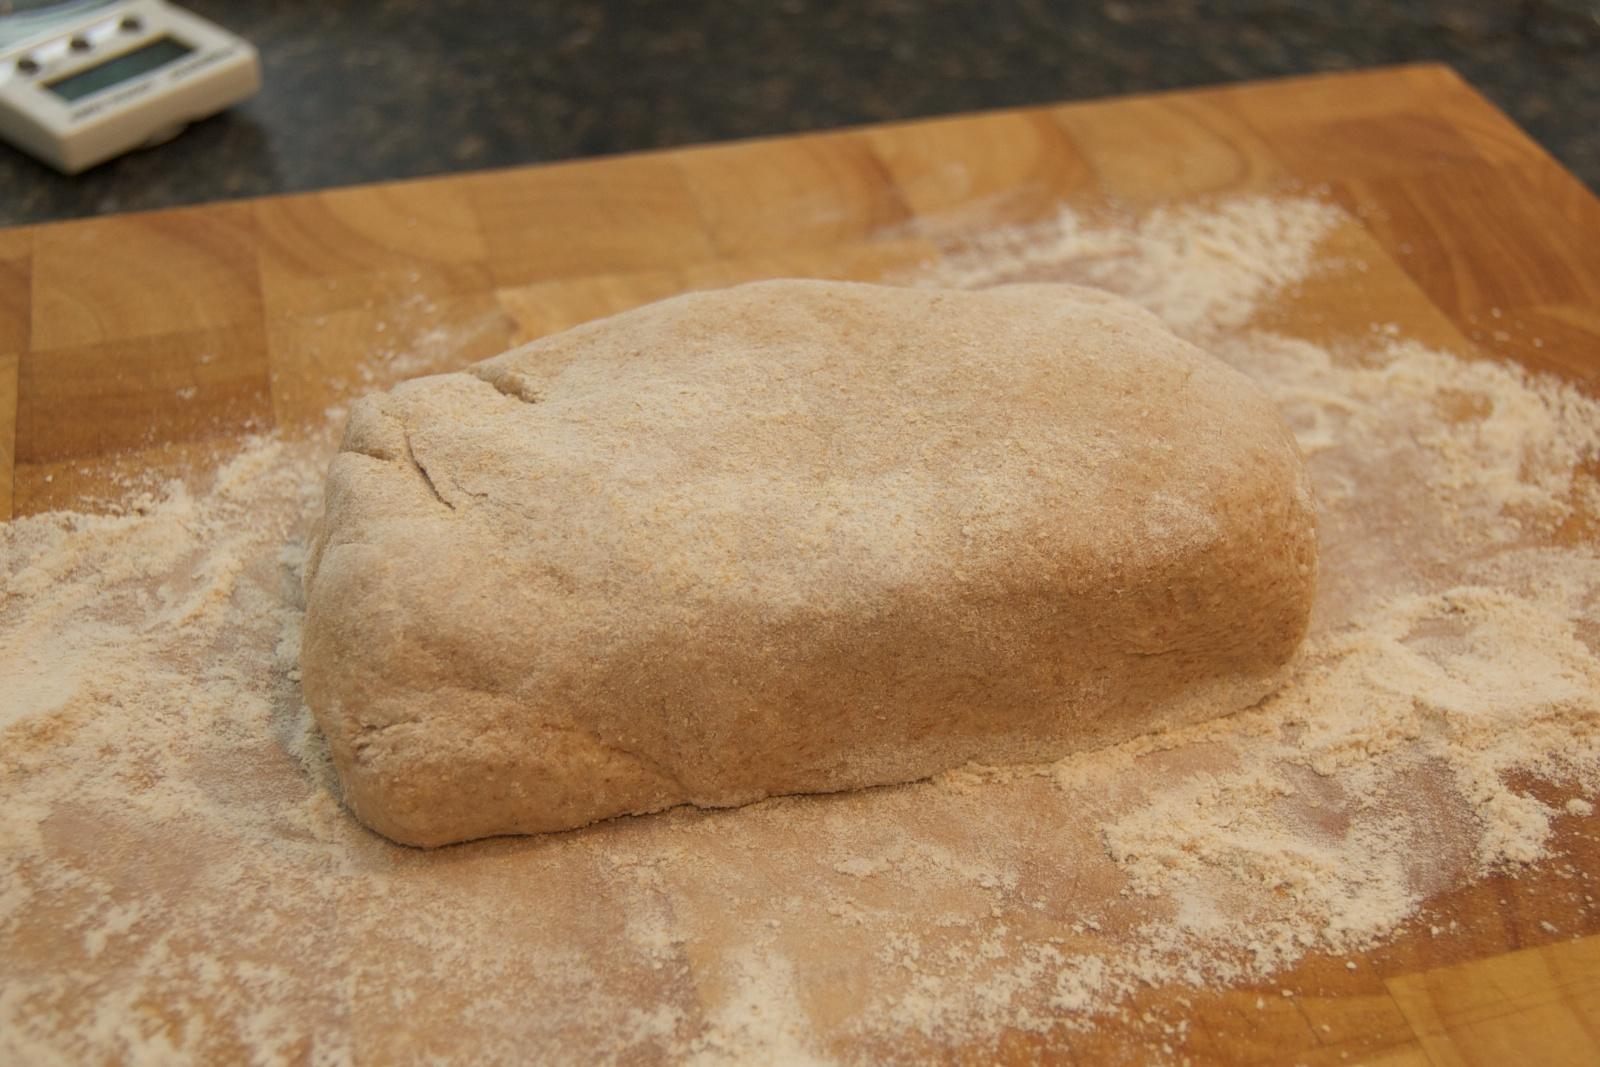 http://blog.rickk.com/food/2011/01/15/ciabatta1.jpg